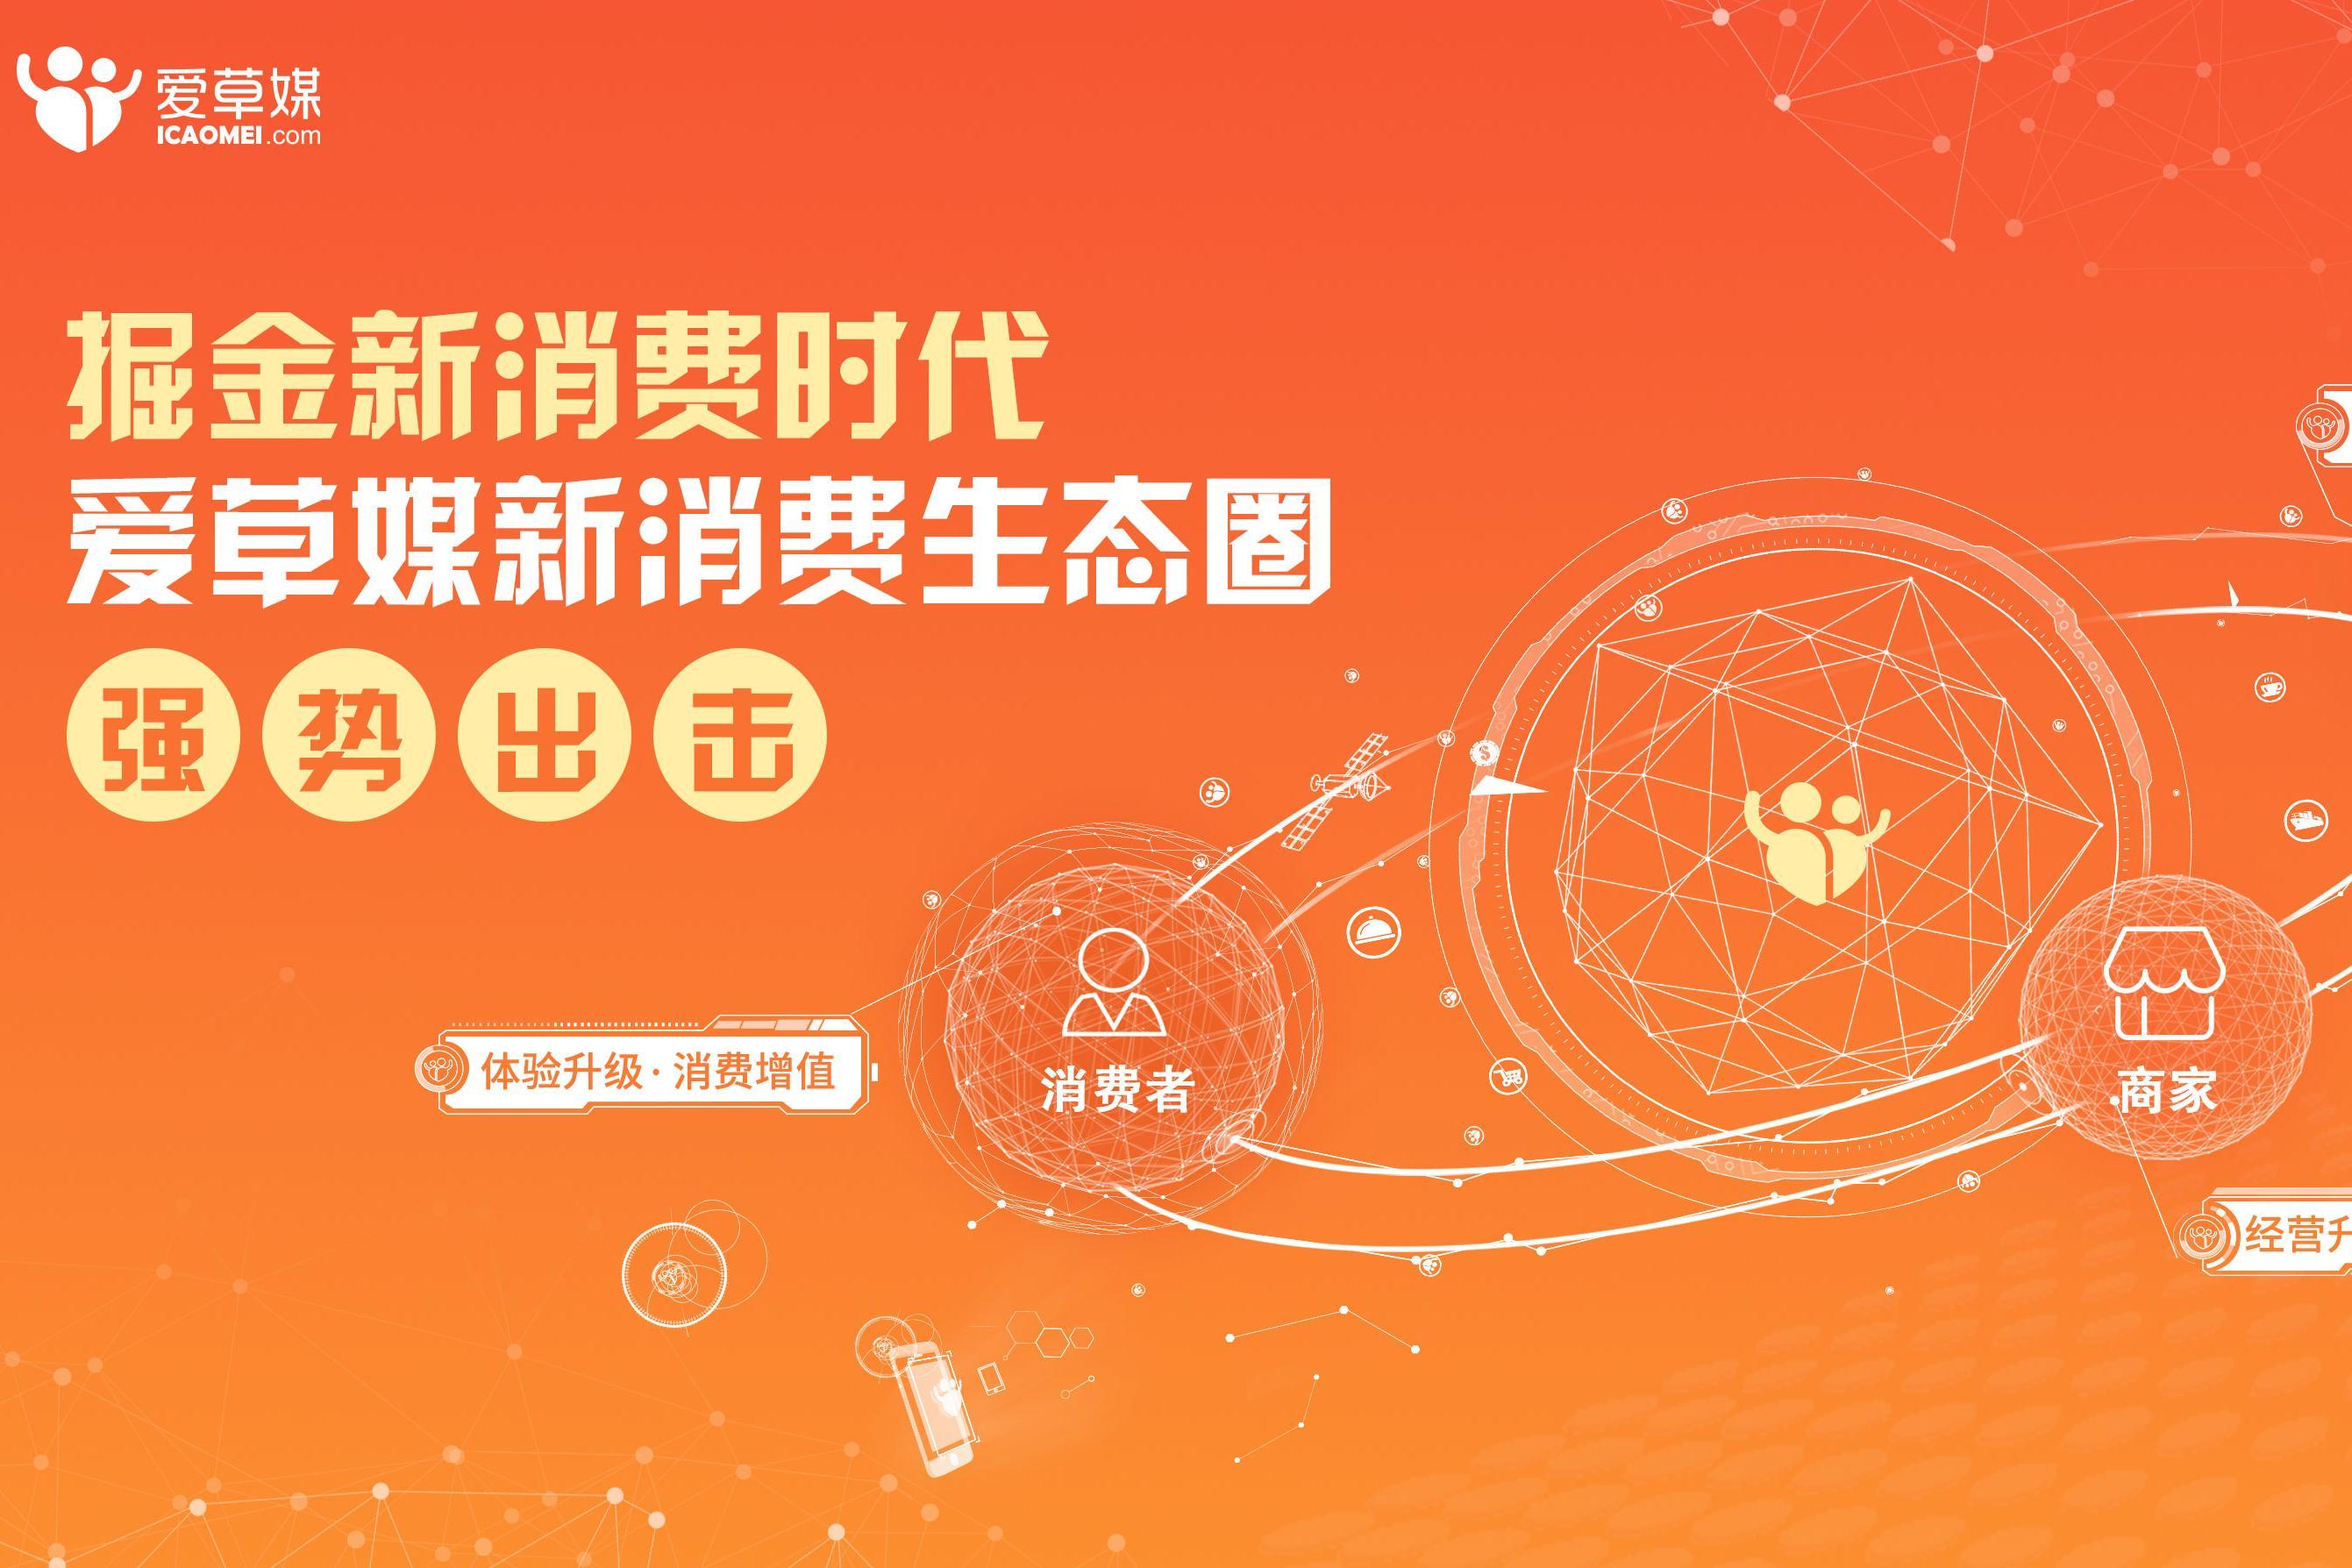 【官方报名】新消费产业互联网投资峰会